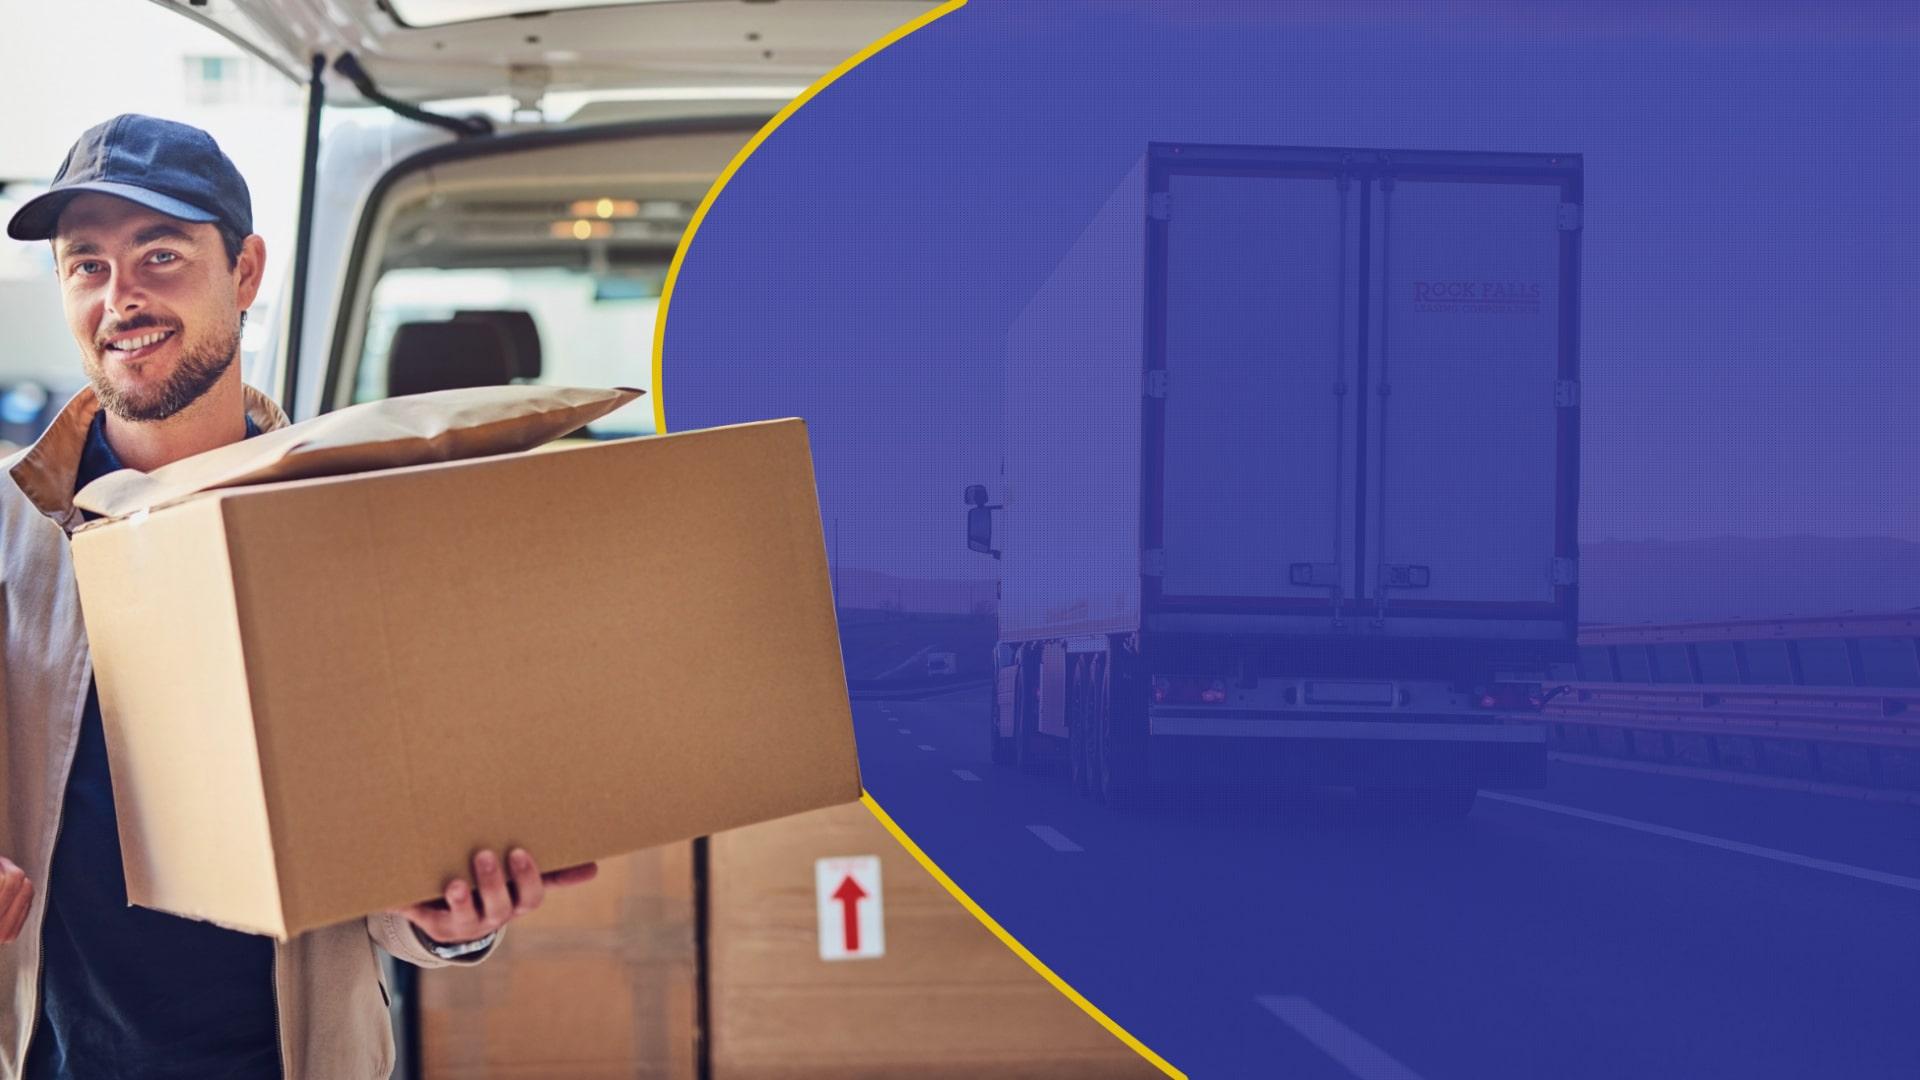 Ilustração cotação complemento de carga